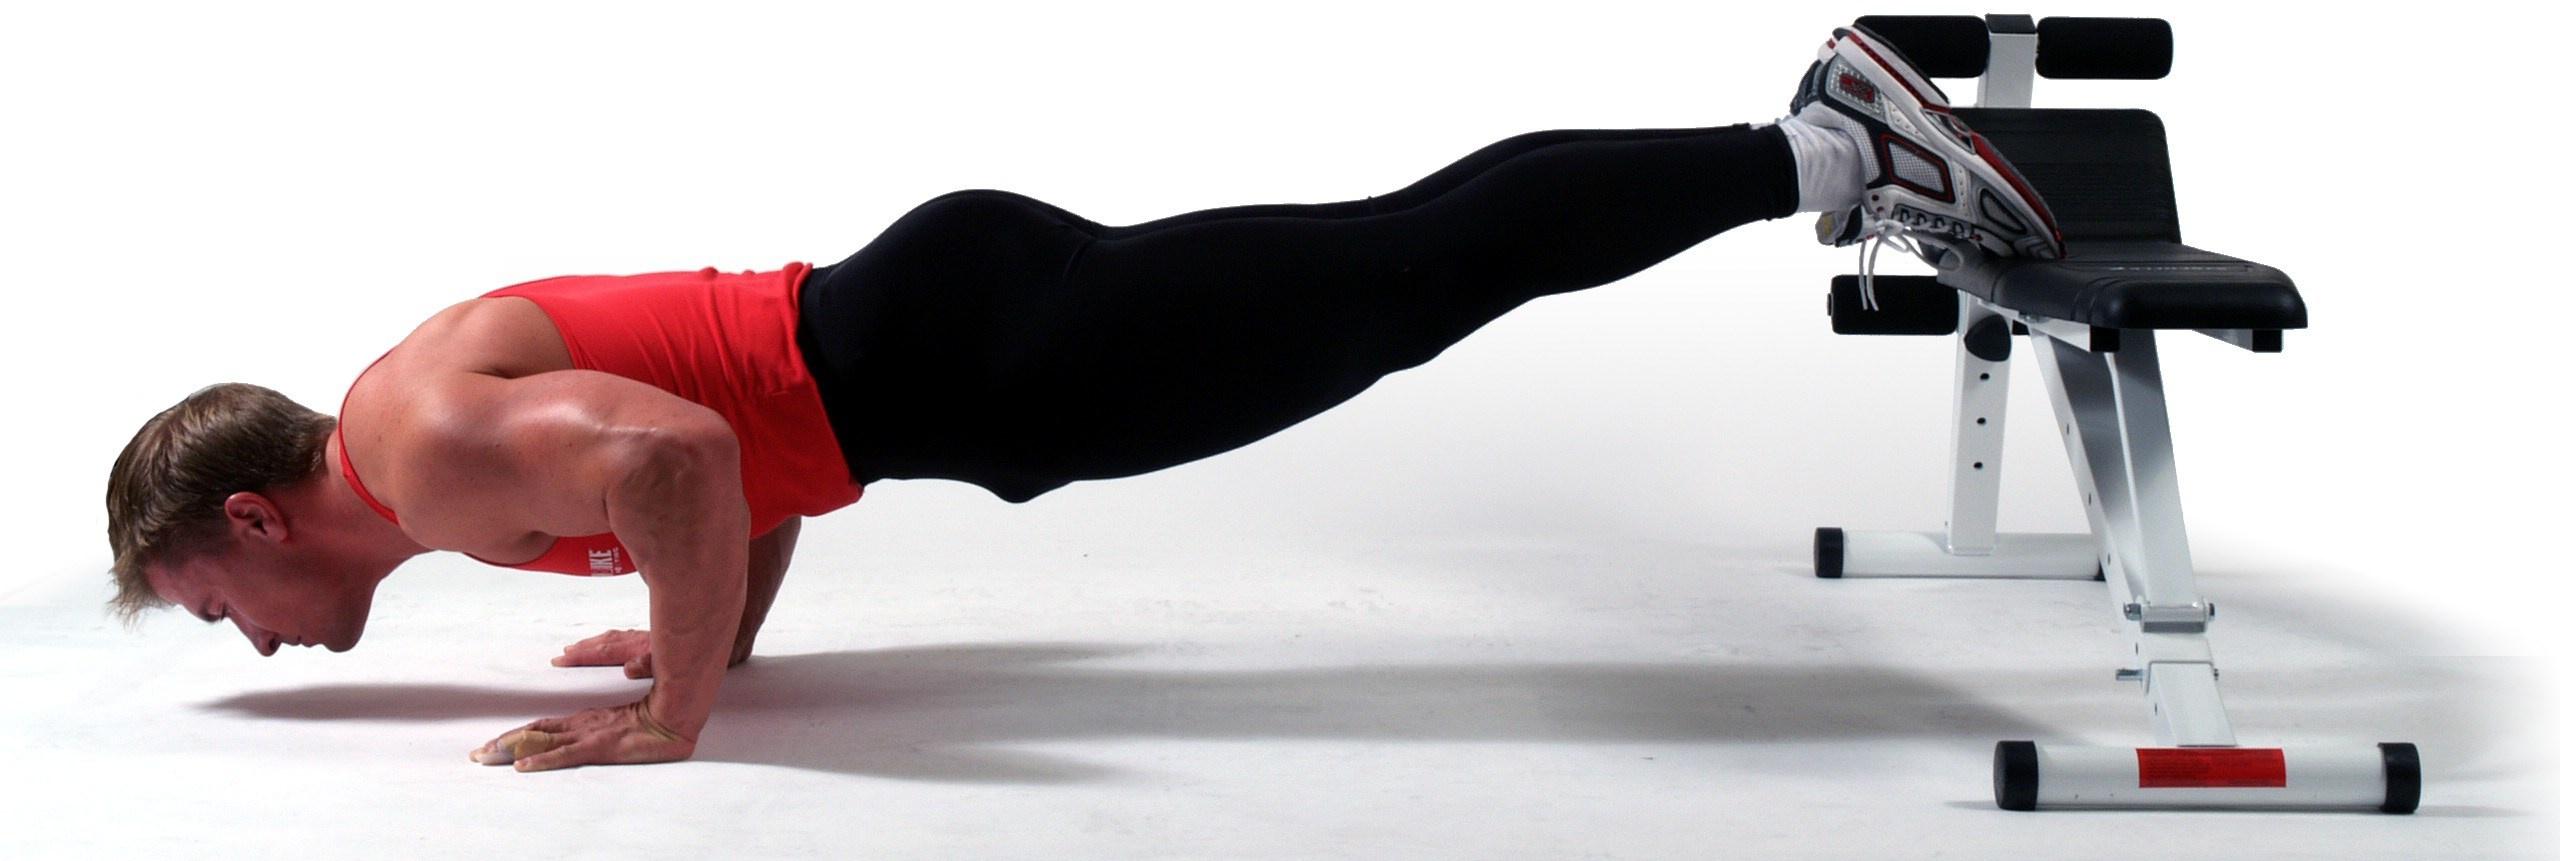 Упражнения для передней поверхности бедра (четырехглавой) 96